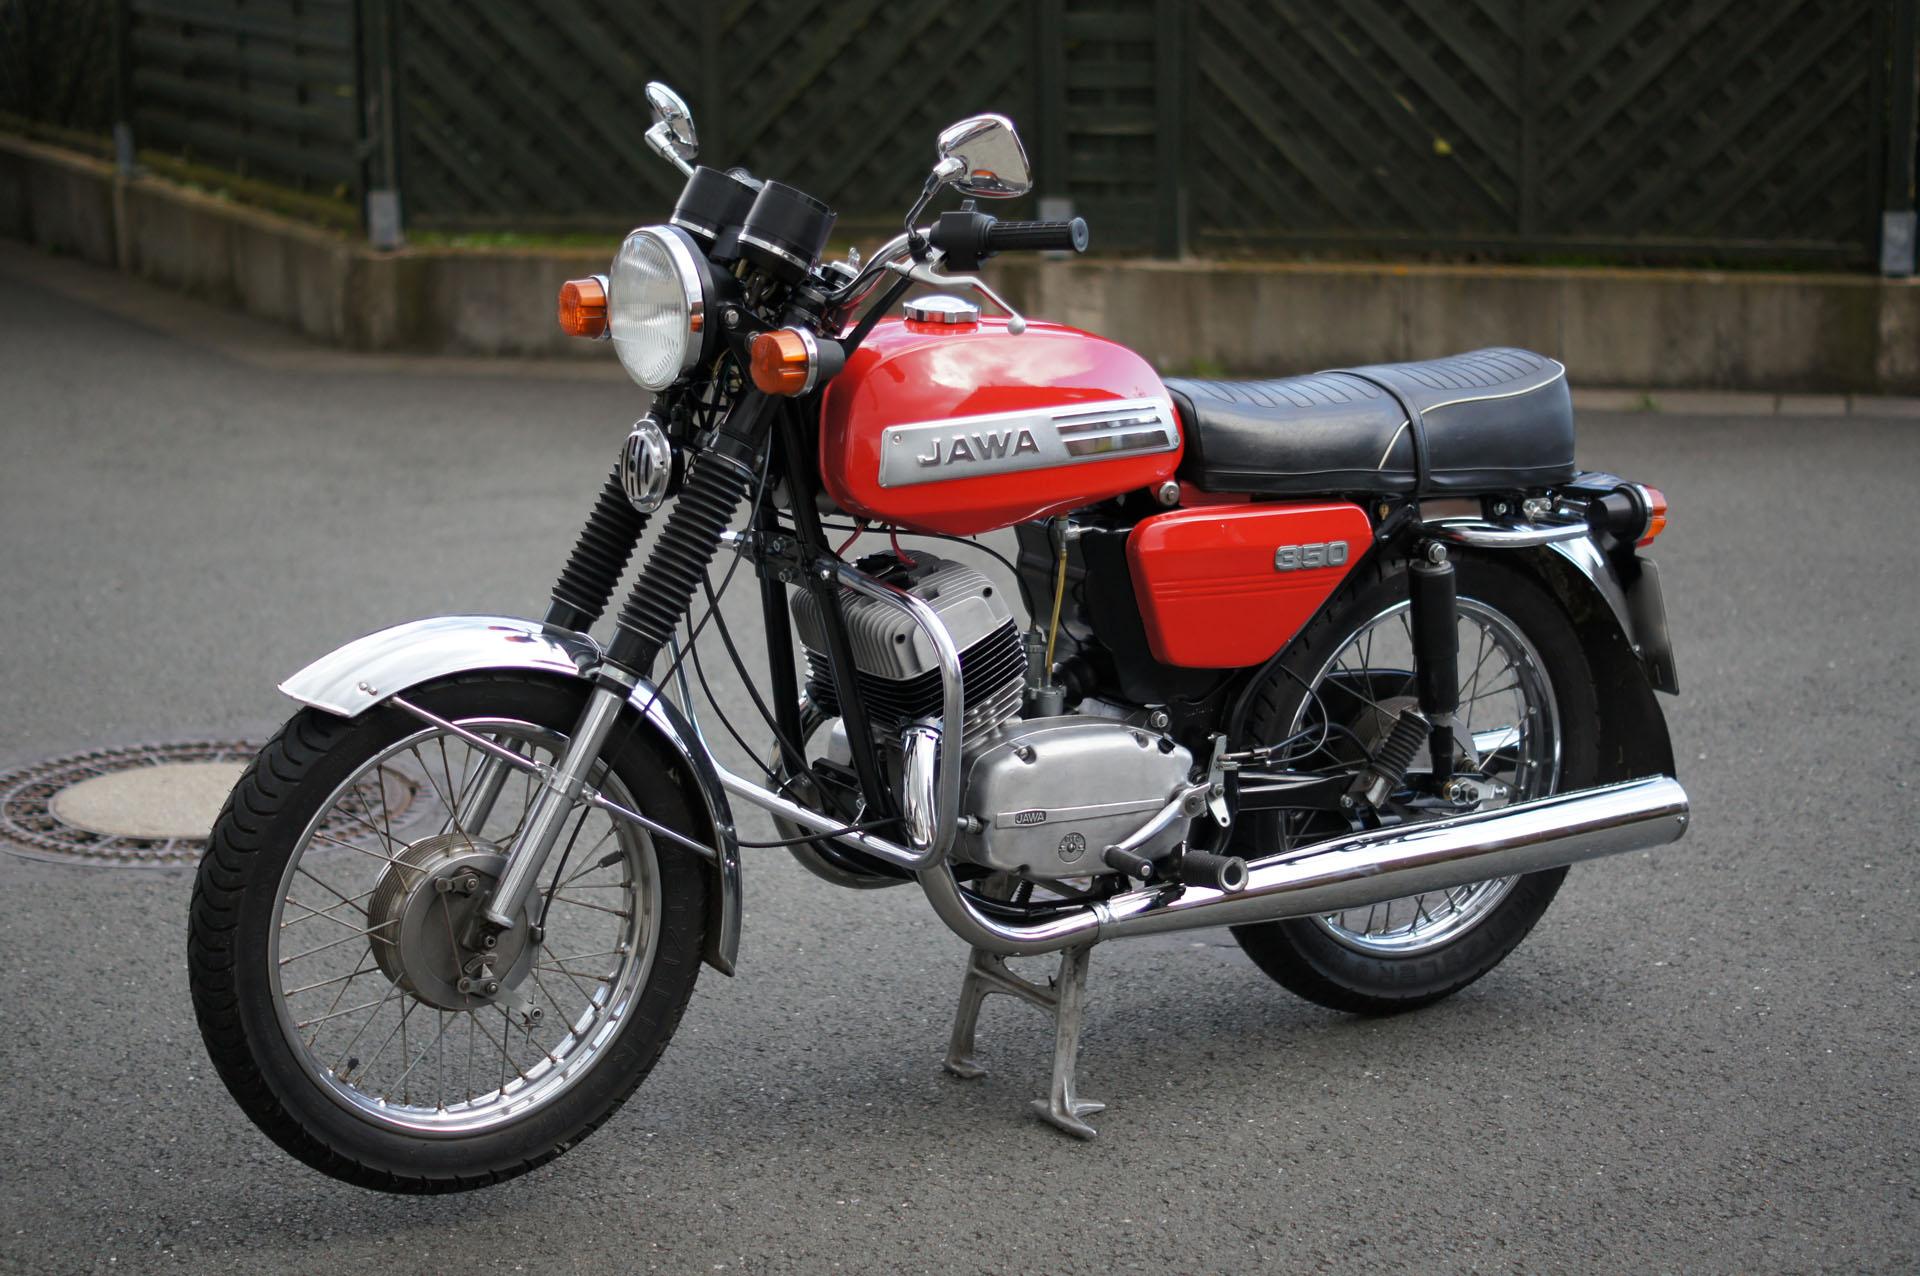 край один хорошие фото мотоцикла ява принятием